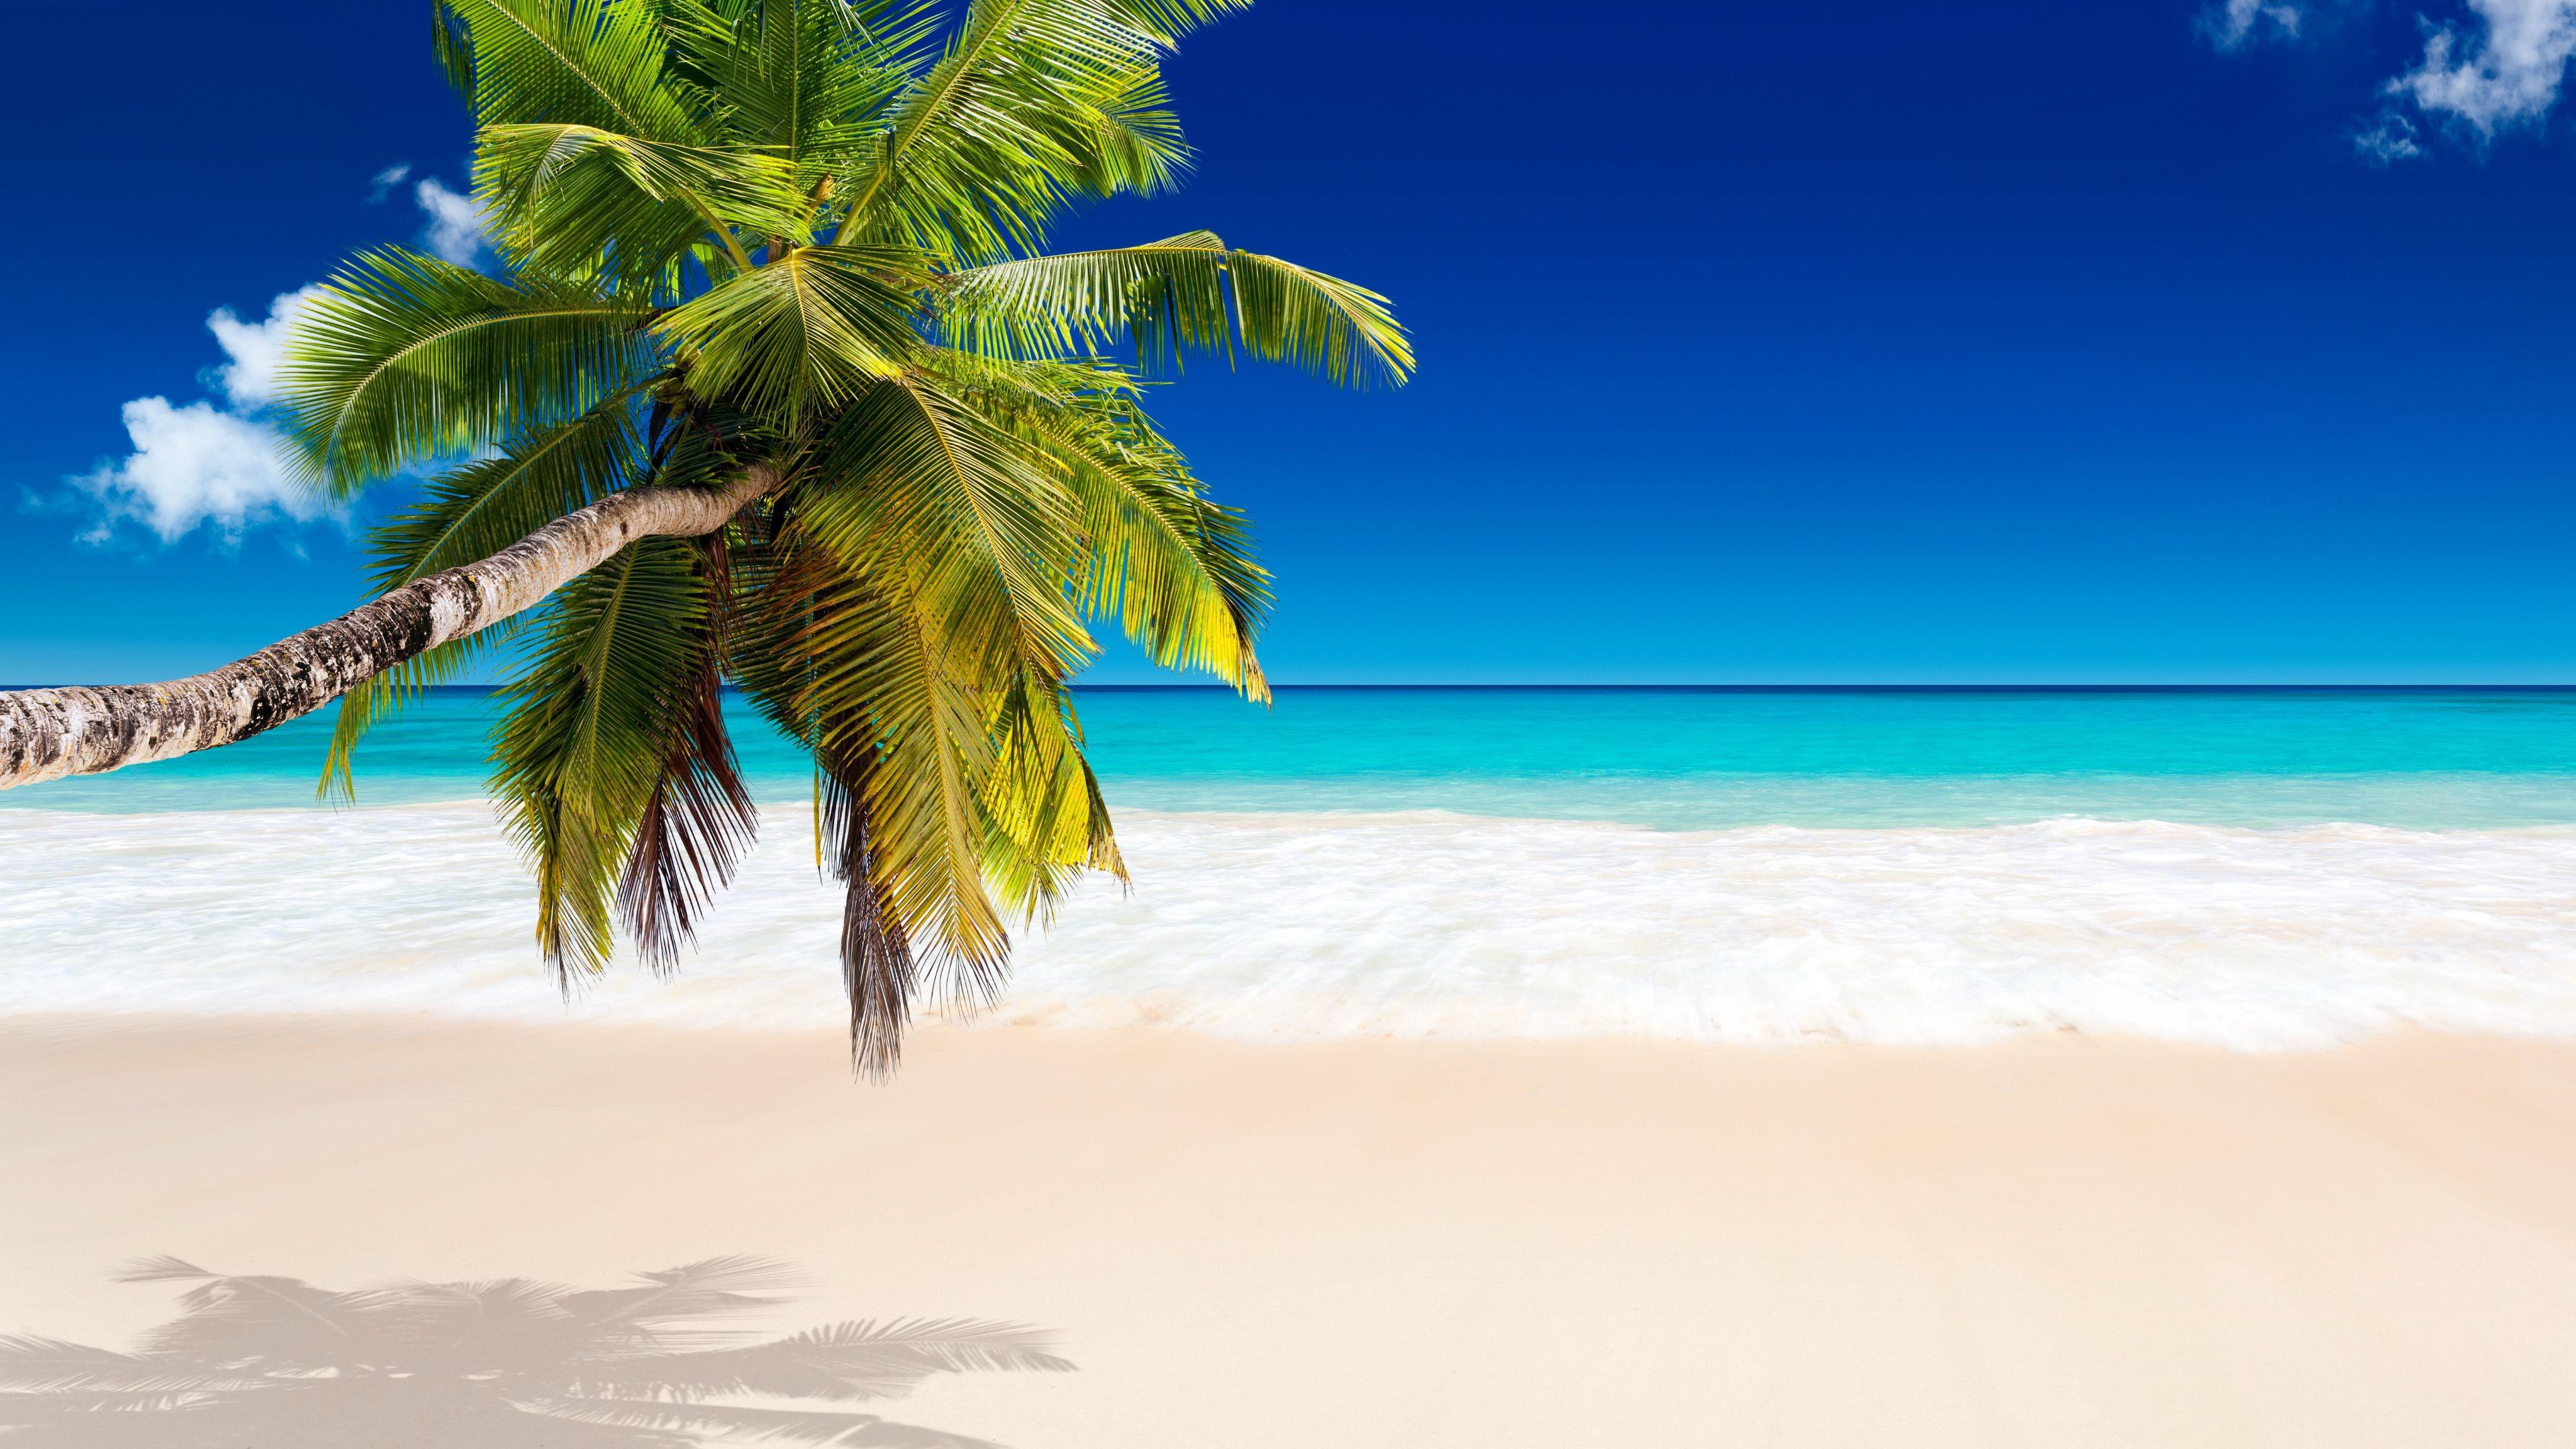 Caribbean Desktop Wallpaper 74 Images